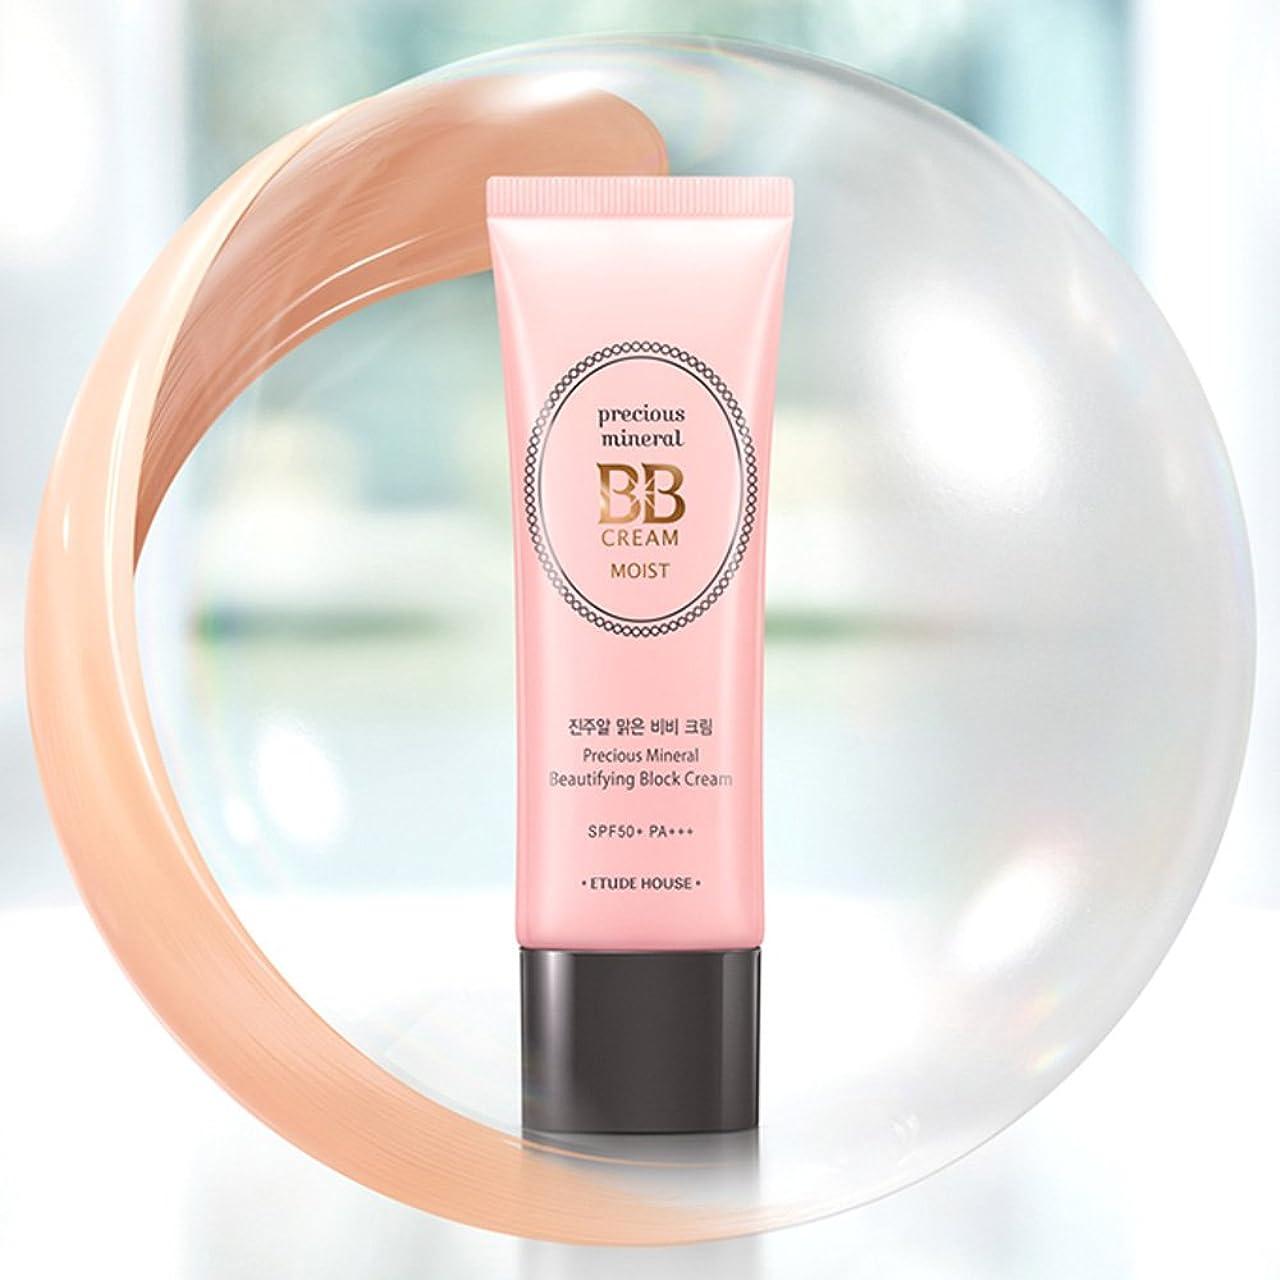 作者セクションロデオETUDE HOUSE Precious Mineral BB Cream Moist [ Beige] SPF50+ PA+++ エチュードハウス プレシャスミネラルBBクリーム モイスト [ベージュ] SPF50 + PA +++ [並行輸入品] [2017 NEW]